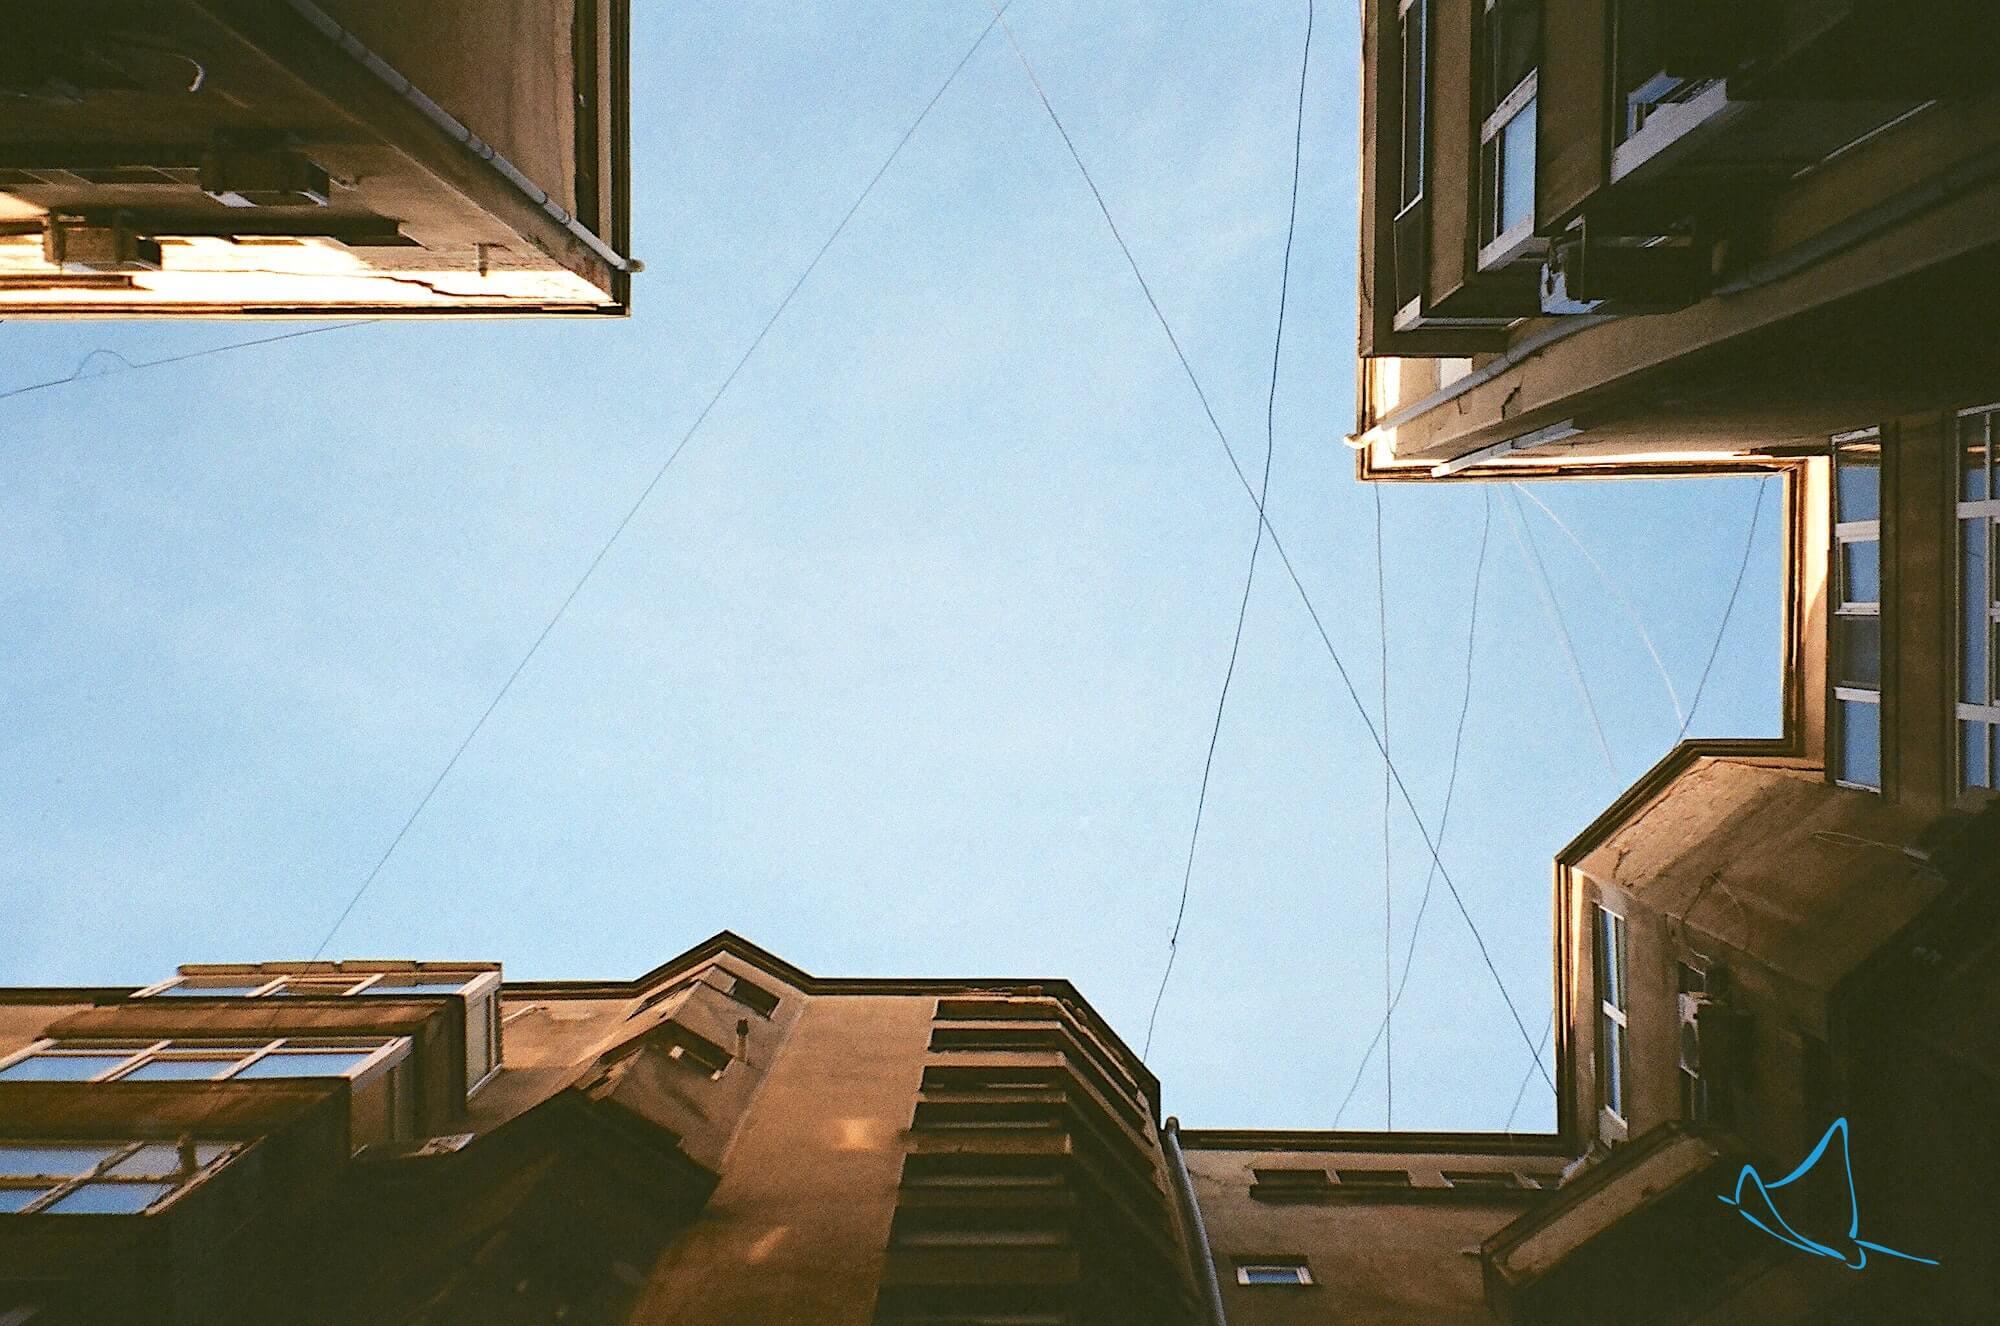 Unsplash / Marius Spita